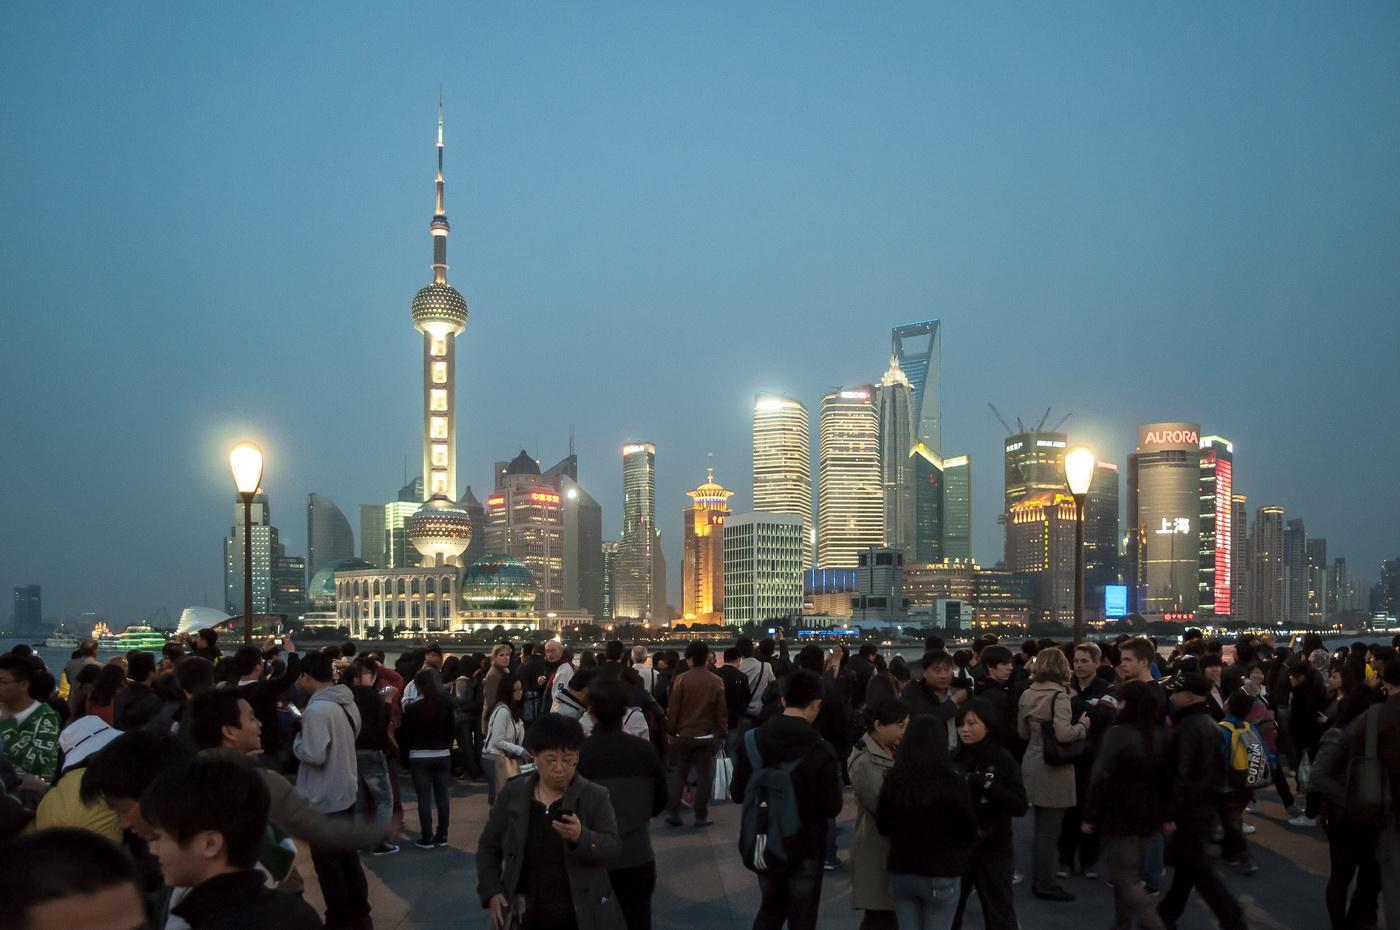 munteres Treiben auf dem Bund mit Blick auf Pudong 2012